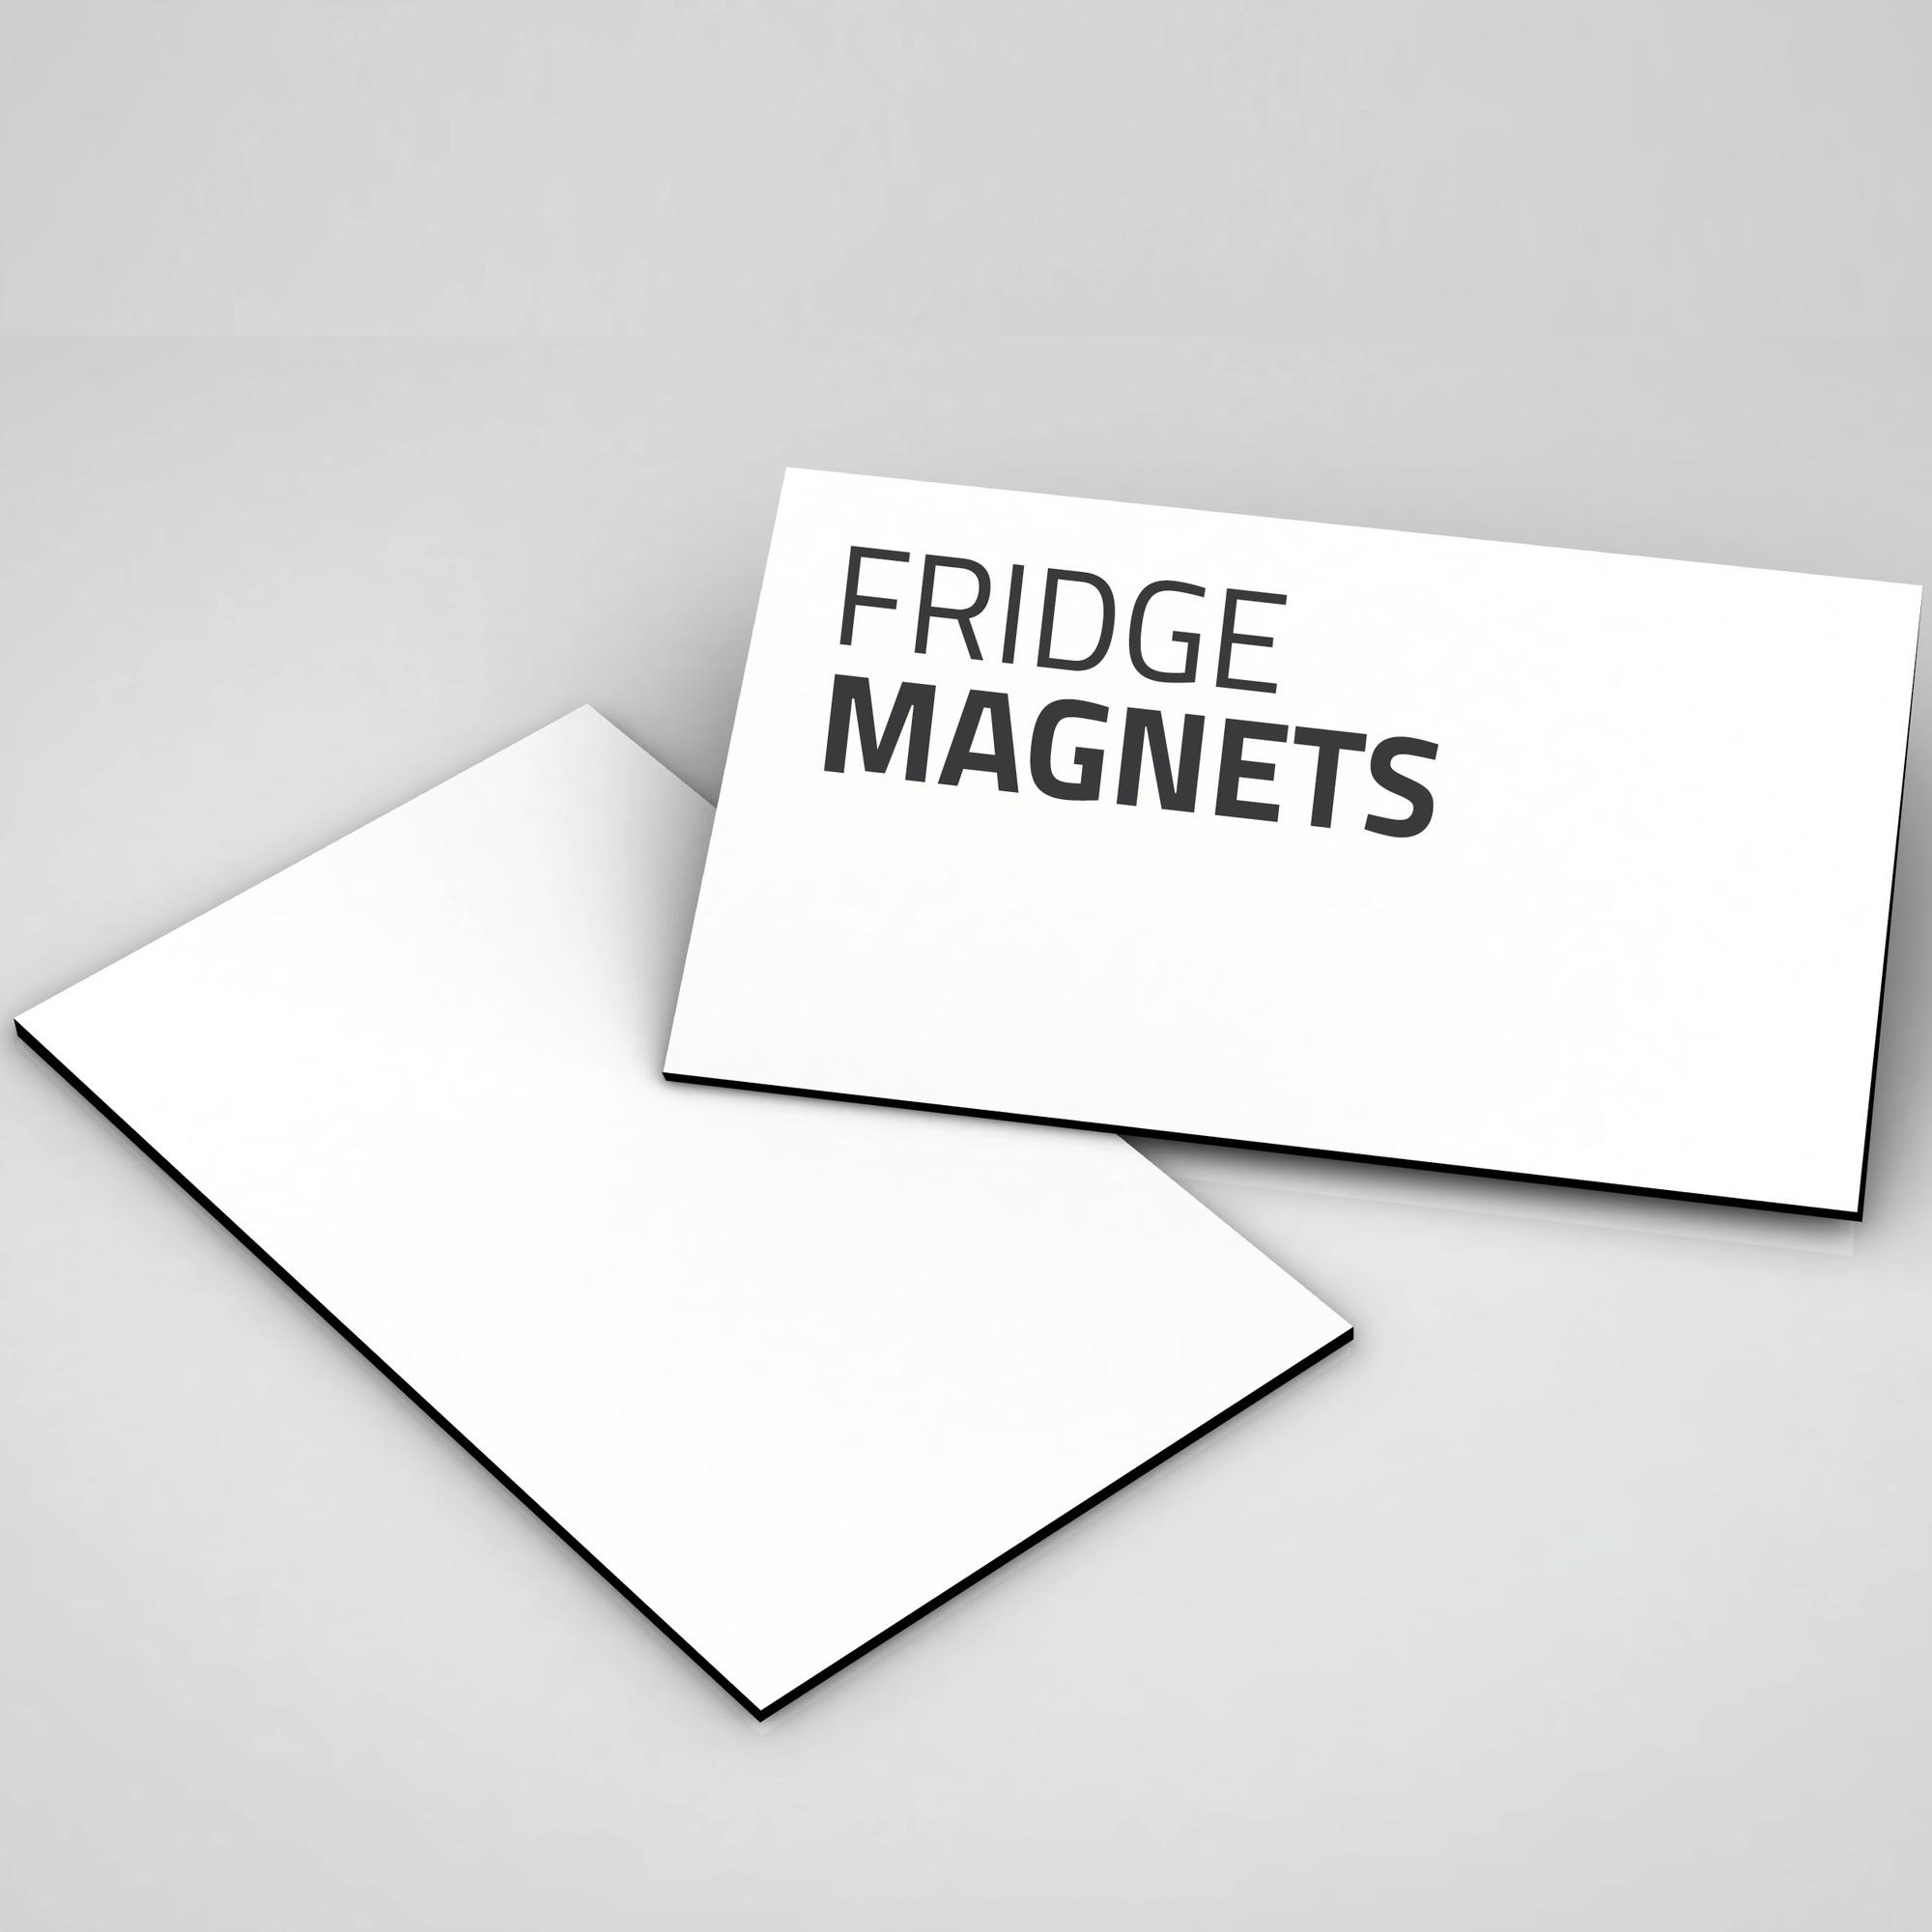 http://shop.copycatprint.com.au/images/products_gallery_images/COPYCAT_WEB_MAGNETS_GALLERY_IMAGES_MAR18-0187.jpg